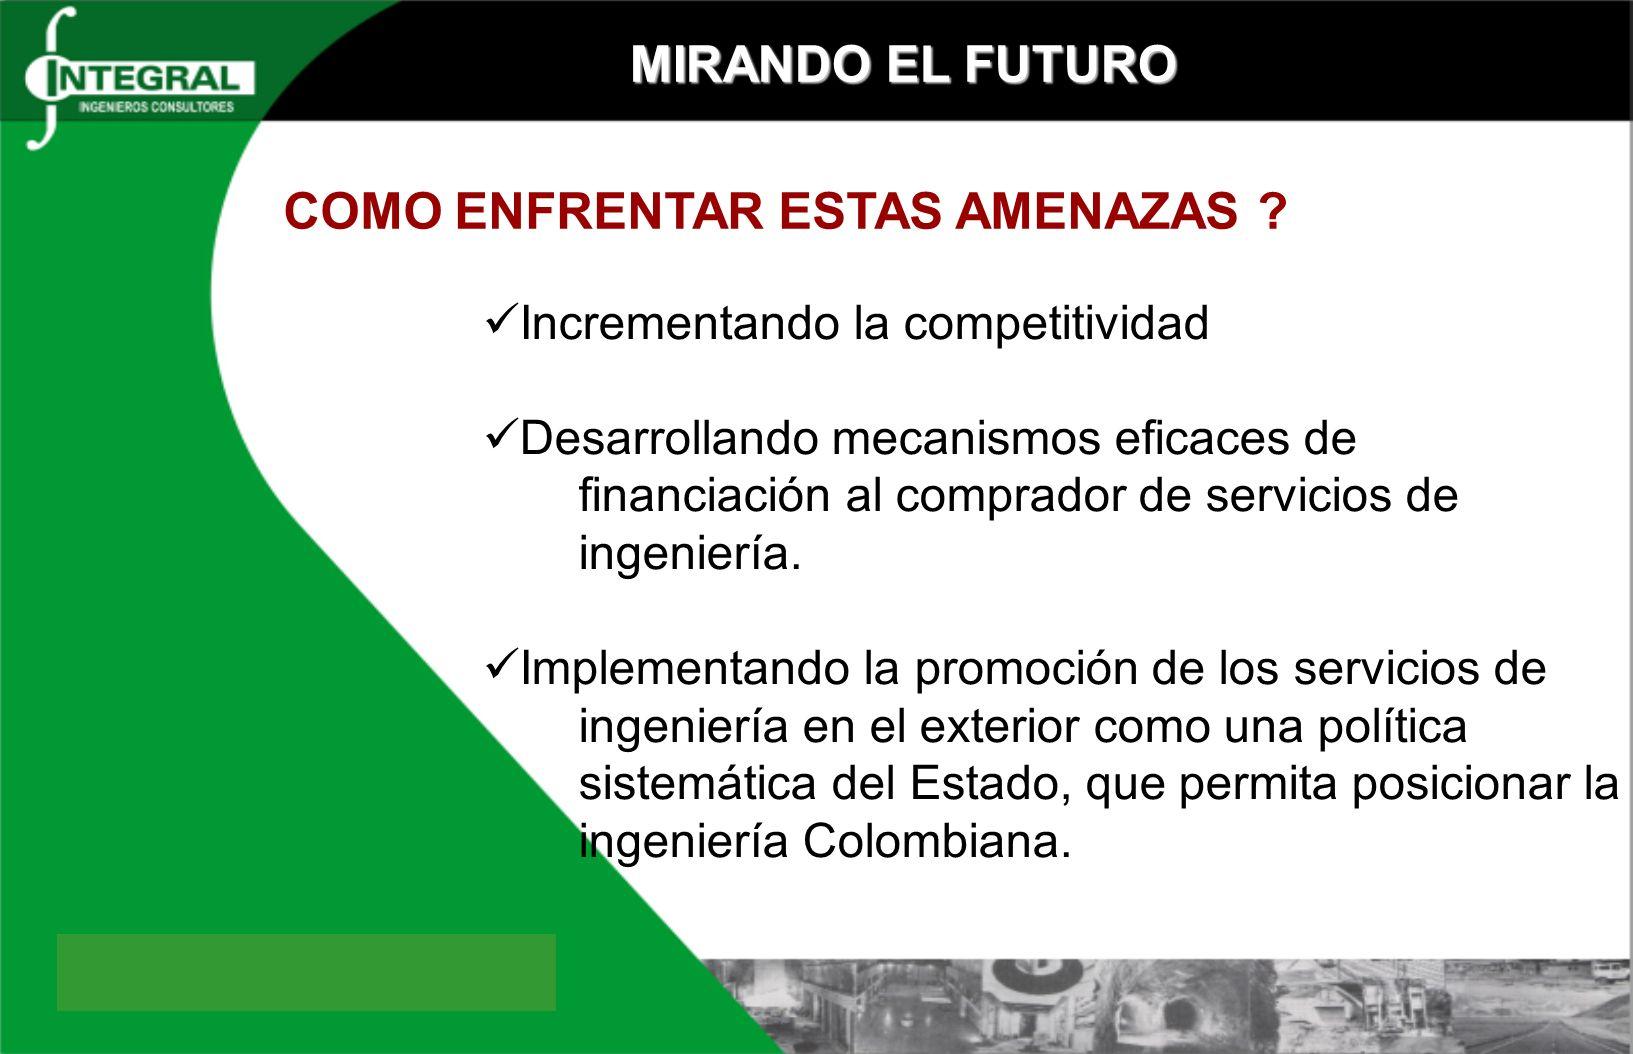 MIRANDO EL FUTURO Incrementando la competitividad Desarrollando mecanismos eficaces de financiación al comprador de servicios de ingeniería. Implement